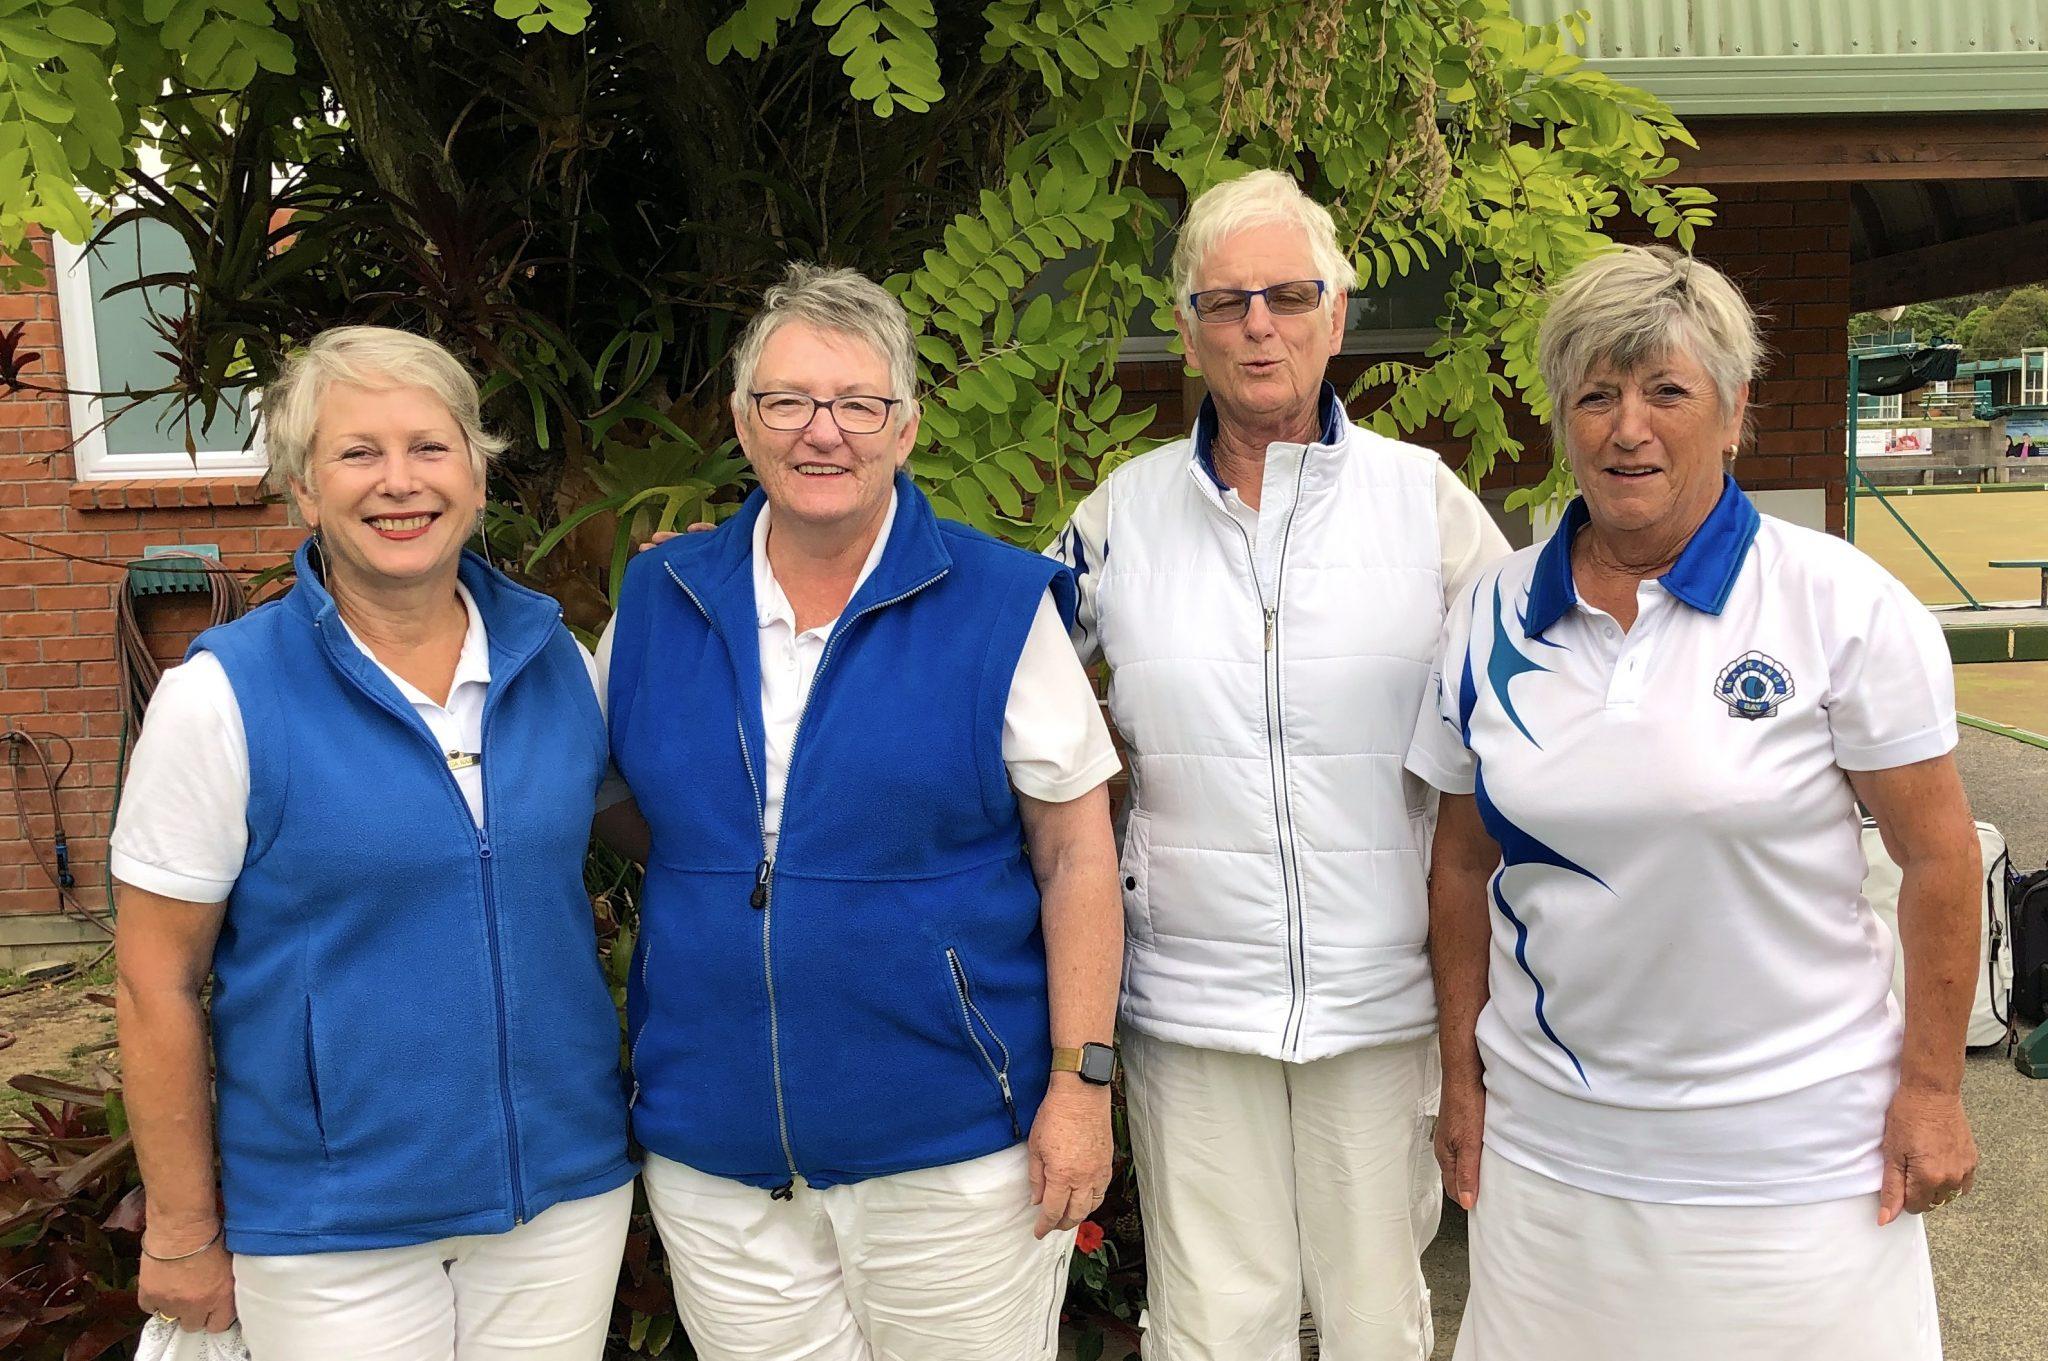 2019 / 2020 Women's Championship Pairs